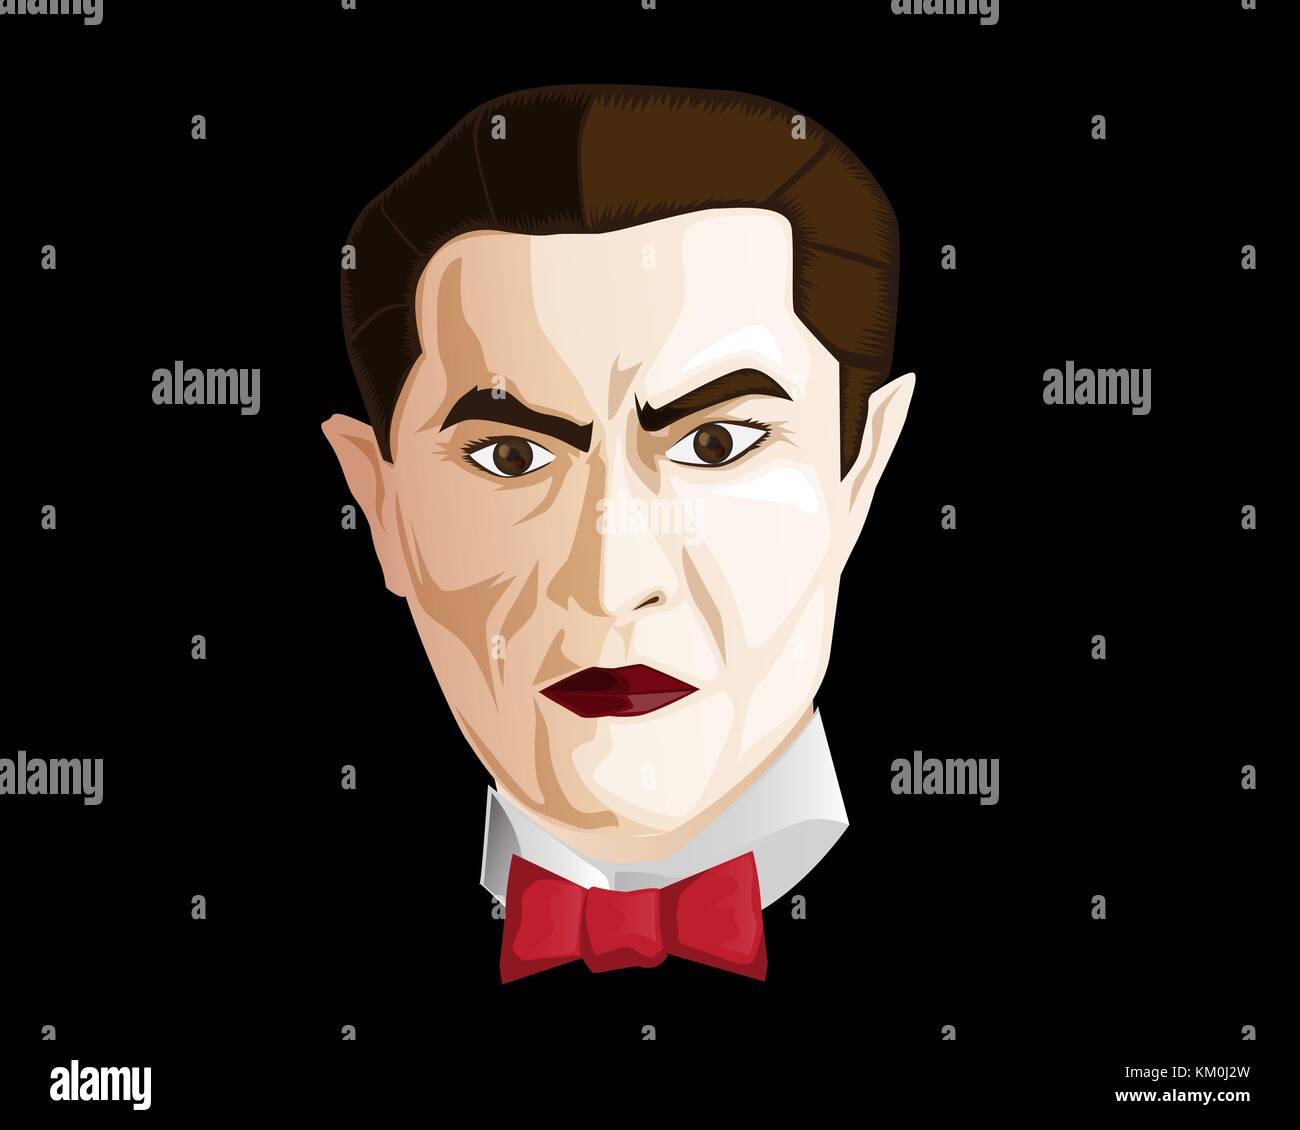 Vampir-ClipArt-Grafiken Stockbild